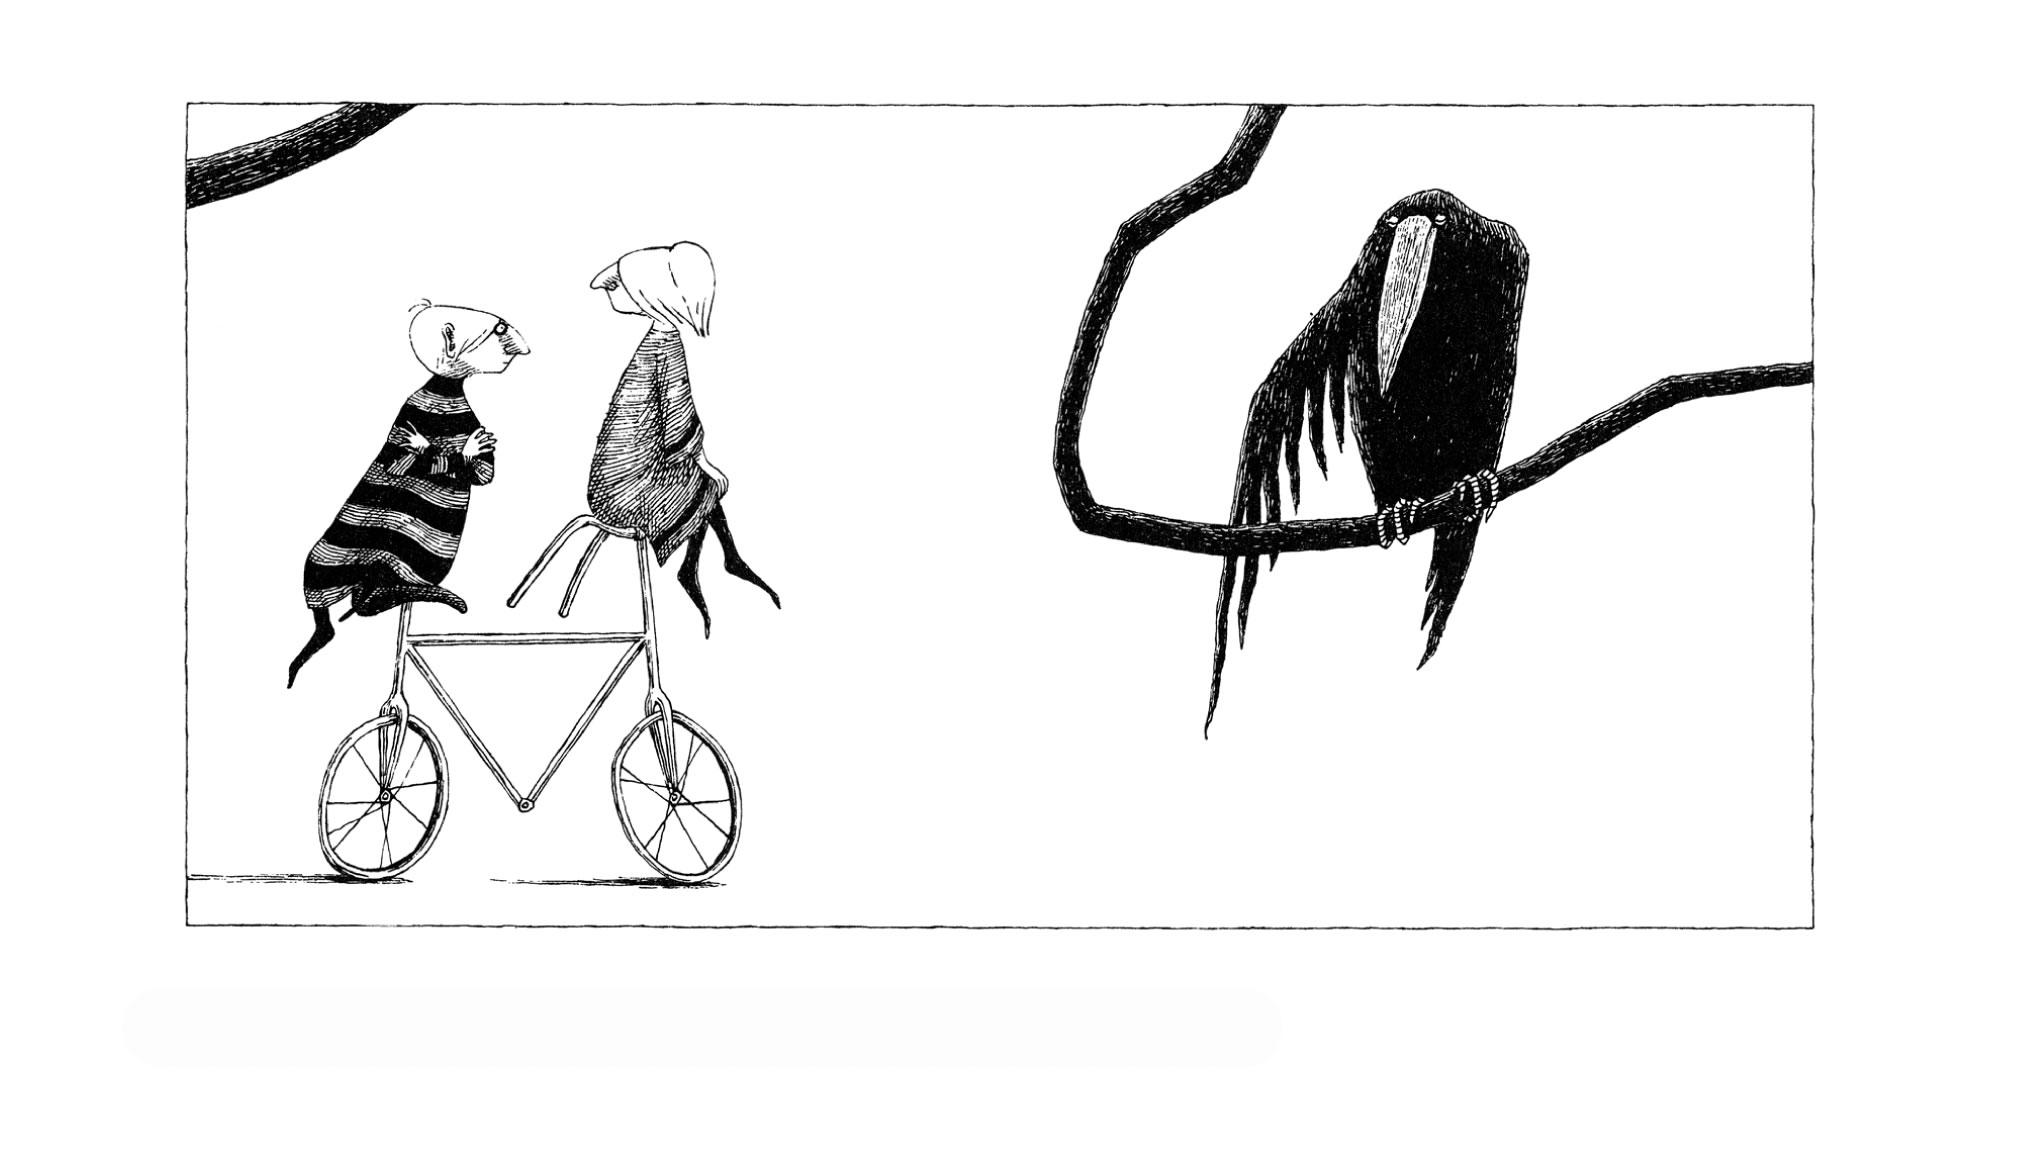 bicicleta-epipletica-03